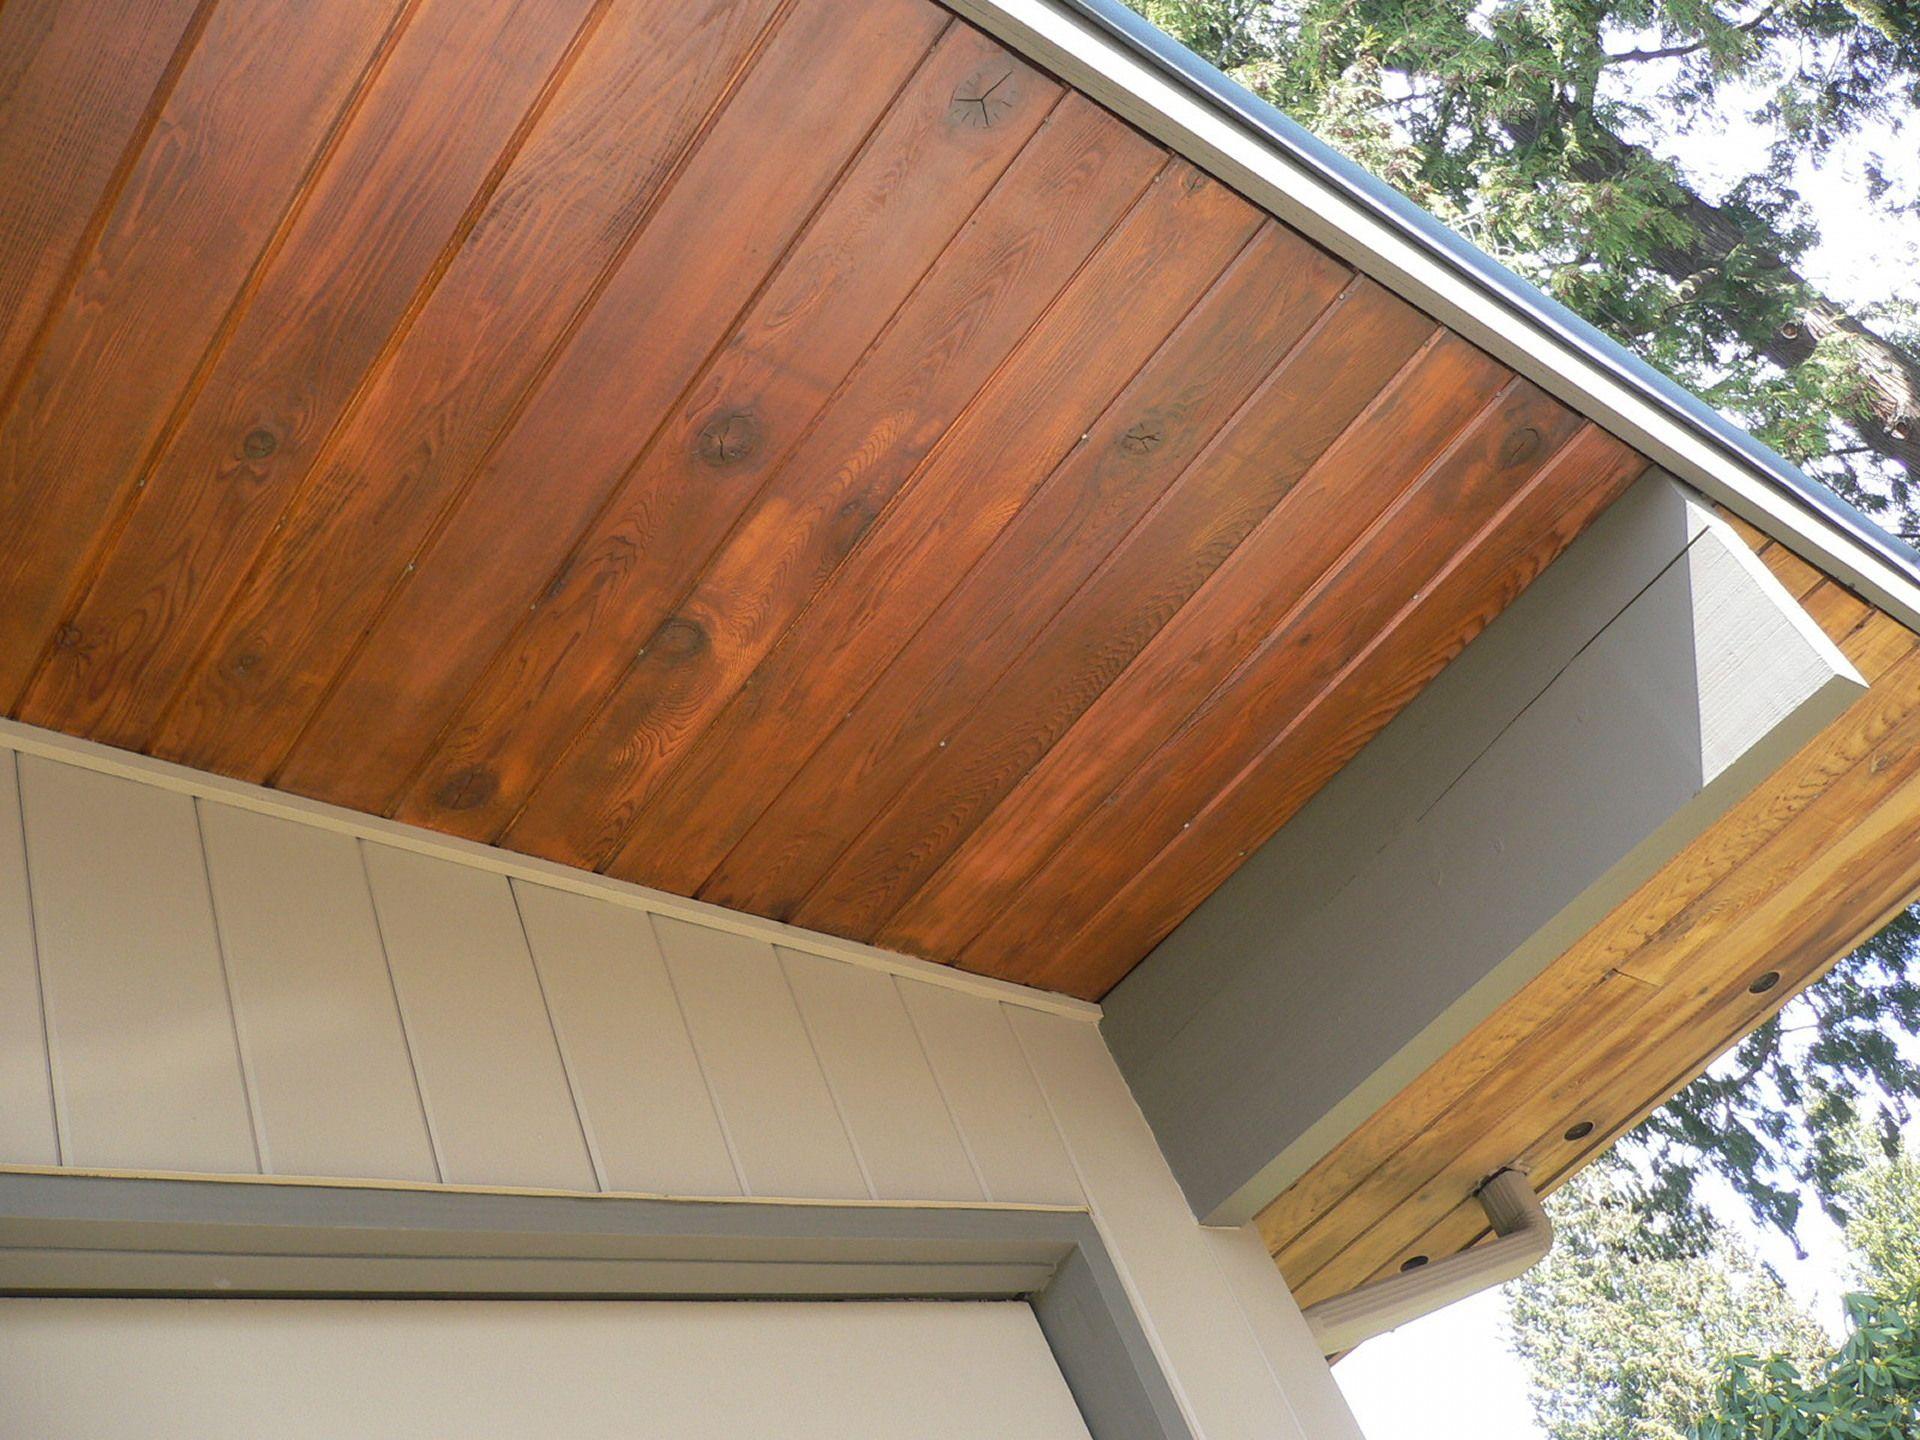 Soffits Jpg 1 920 1 440 Pixels Vinyl Siding Soffit Wood Siding Exterior House Exterior